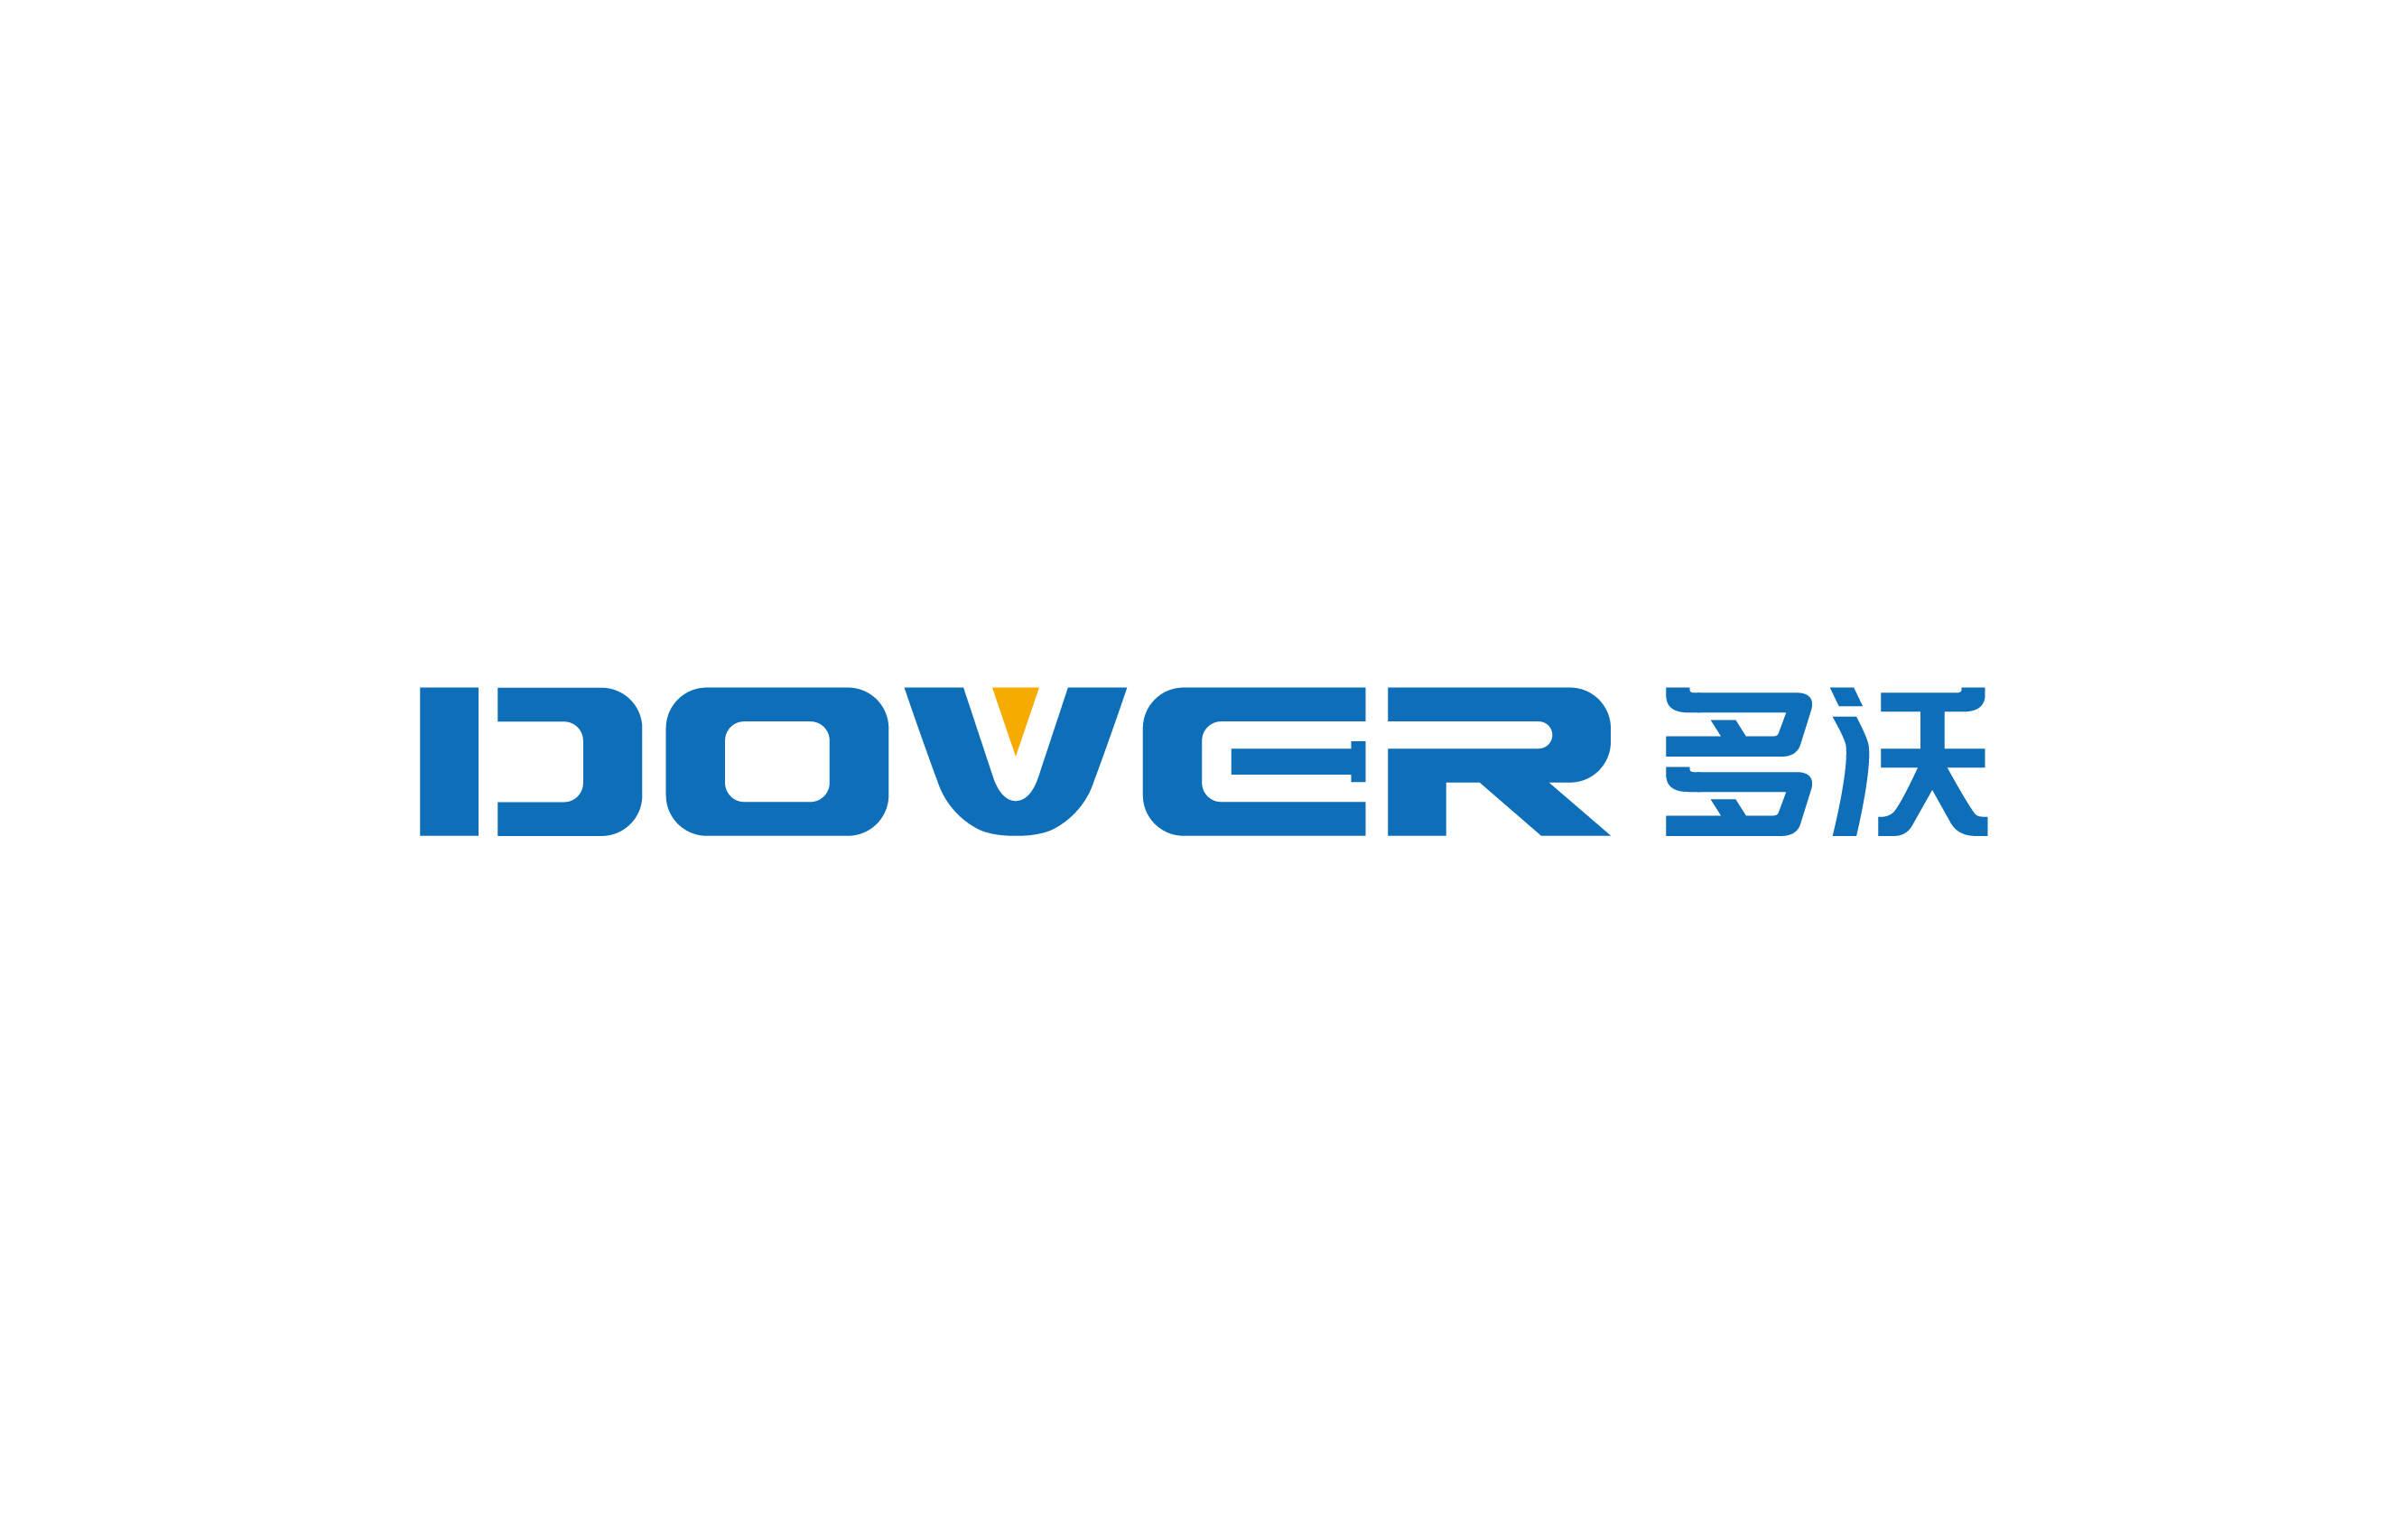 上海多沃汽车零件公司品牌VI/logo设计